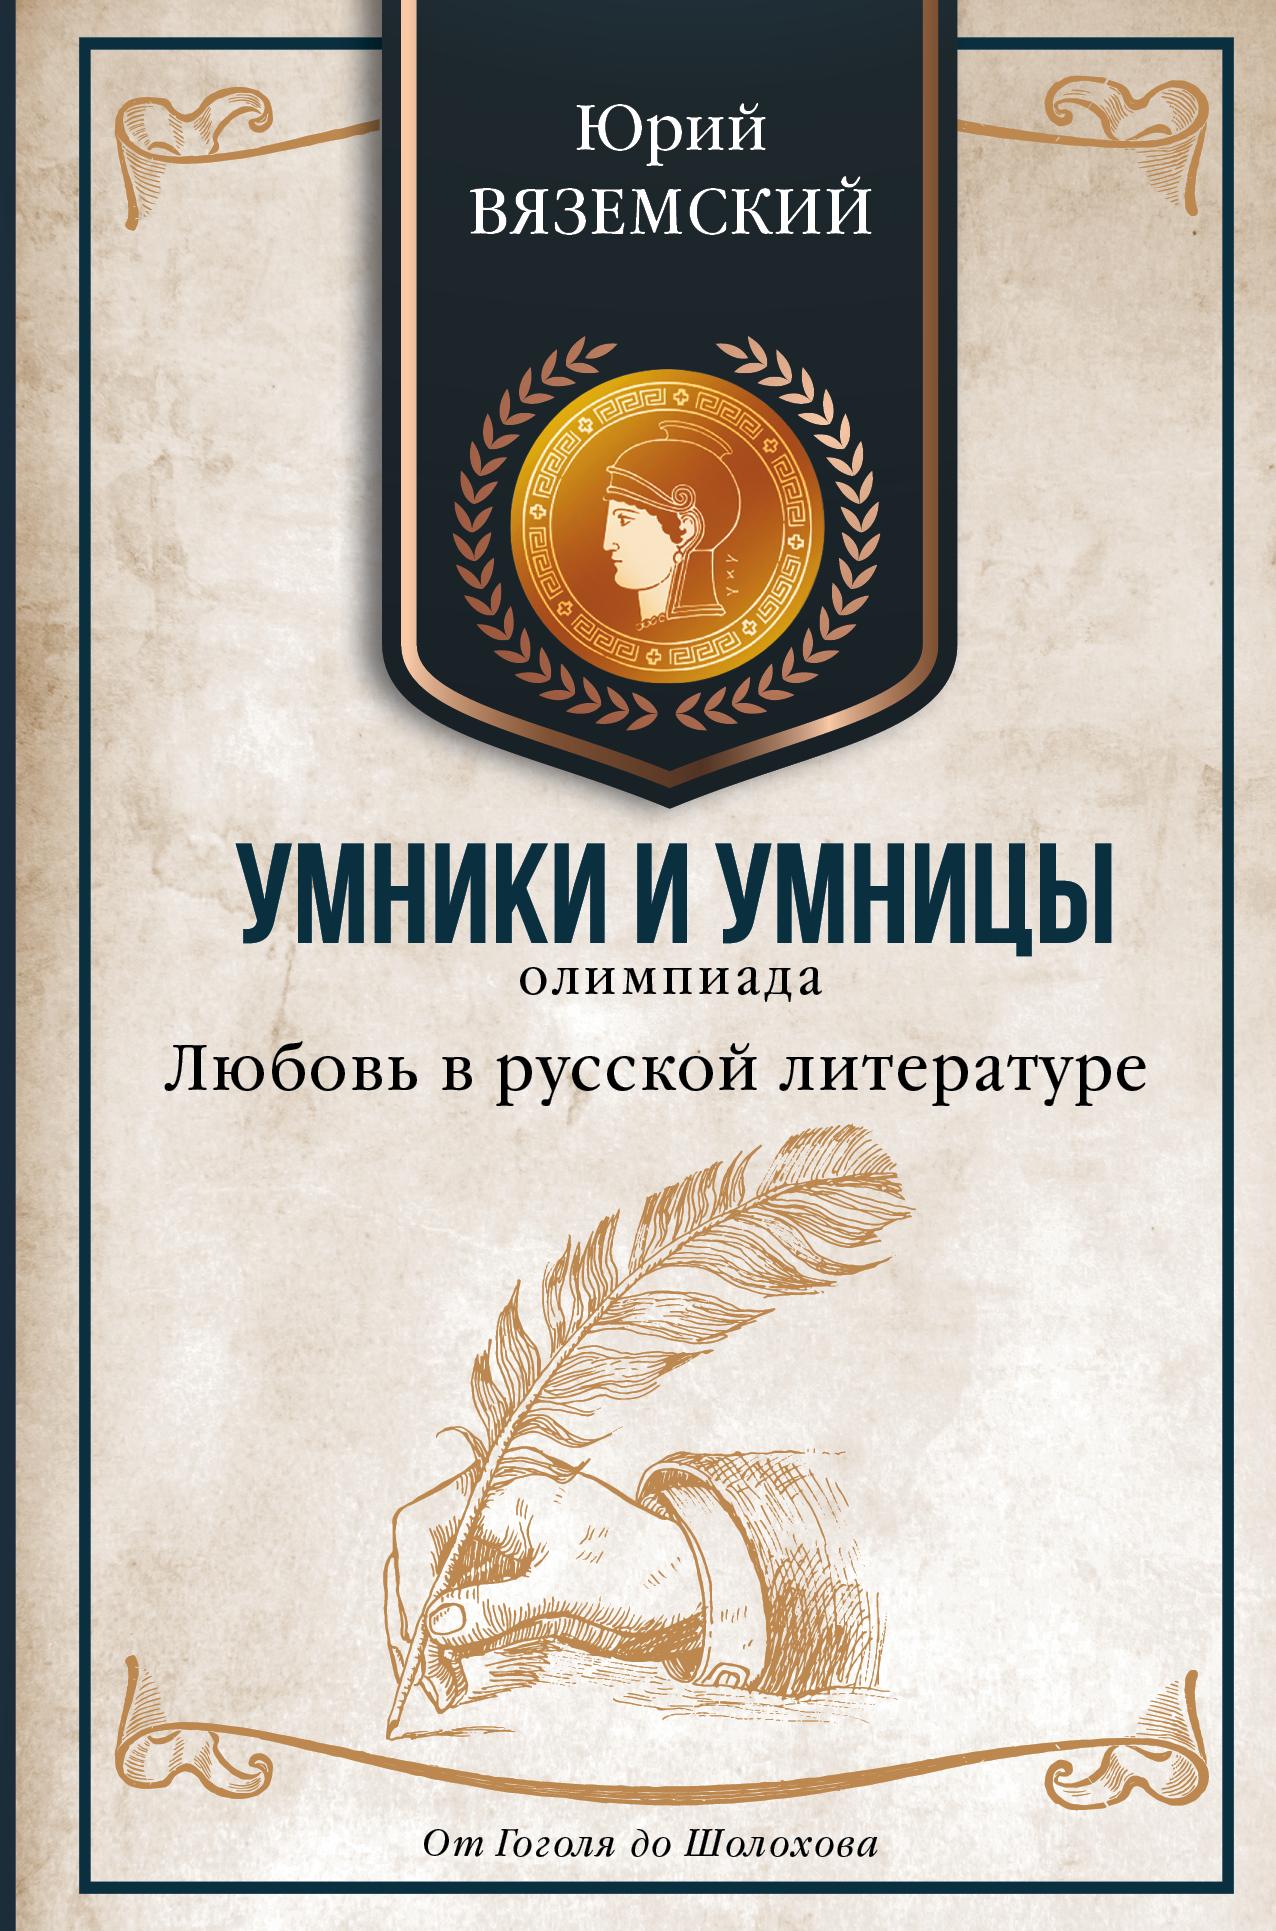 Любовь в русской литературе. От Гоголя до Шолохова ( Вяземский Ю.П.  )